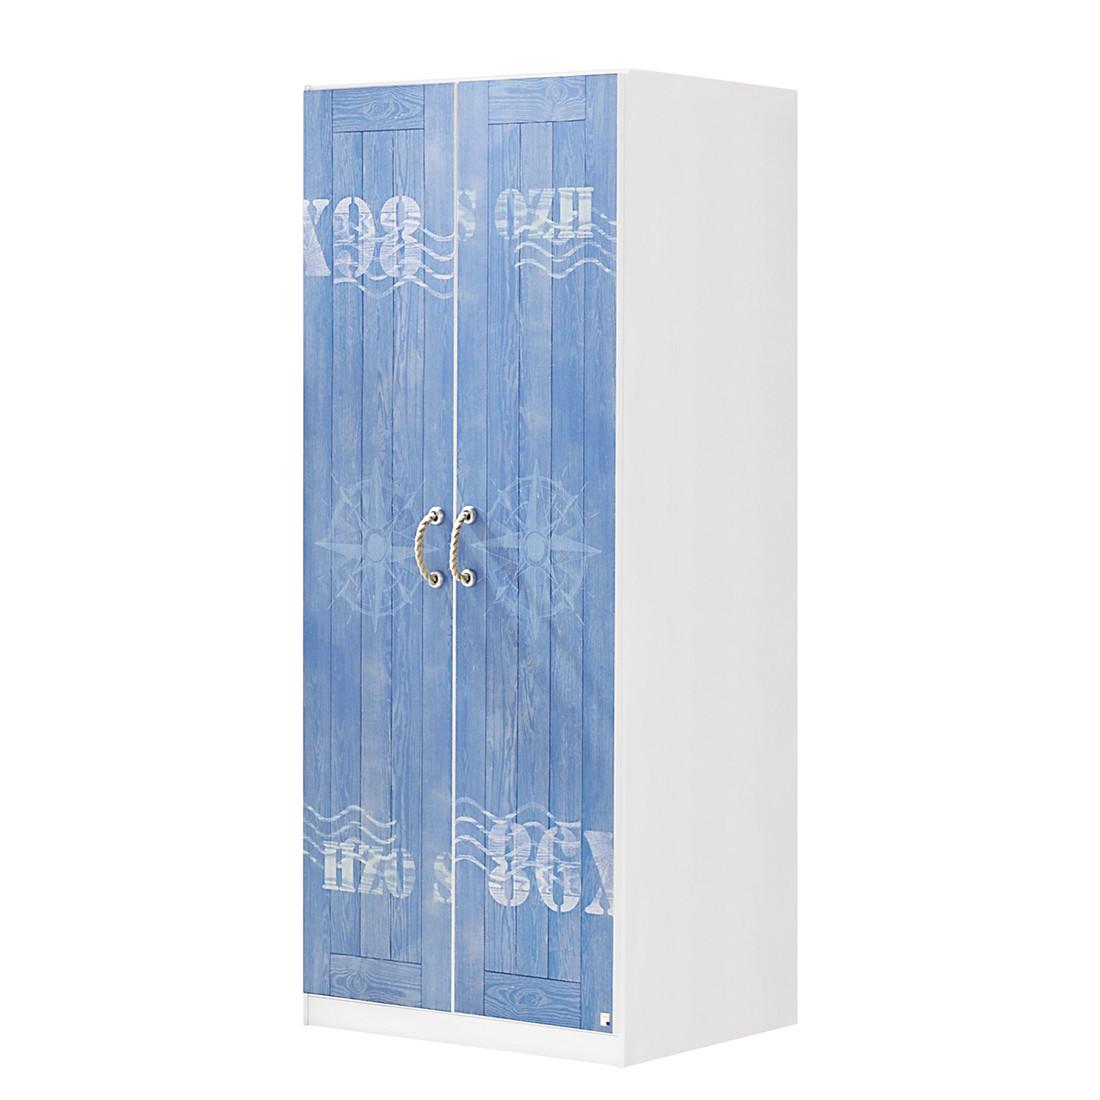 Kleiderschrank Torben (2-türig) – Weiß/Print Nordsee Dekor – ohne extra Einlegeboden, Rauch Pack´s günstig